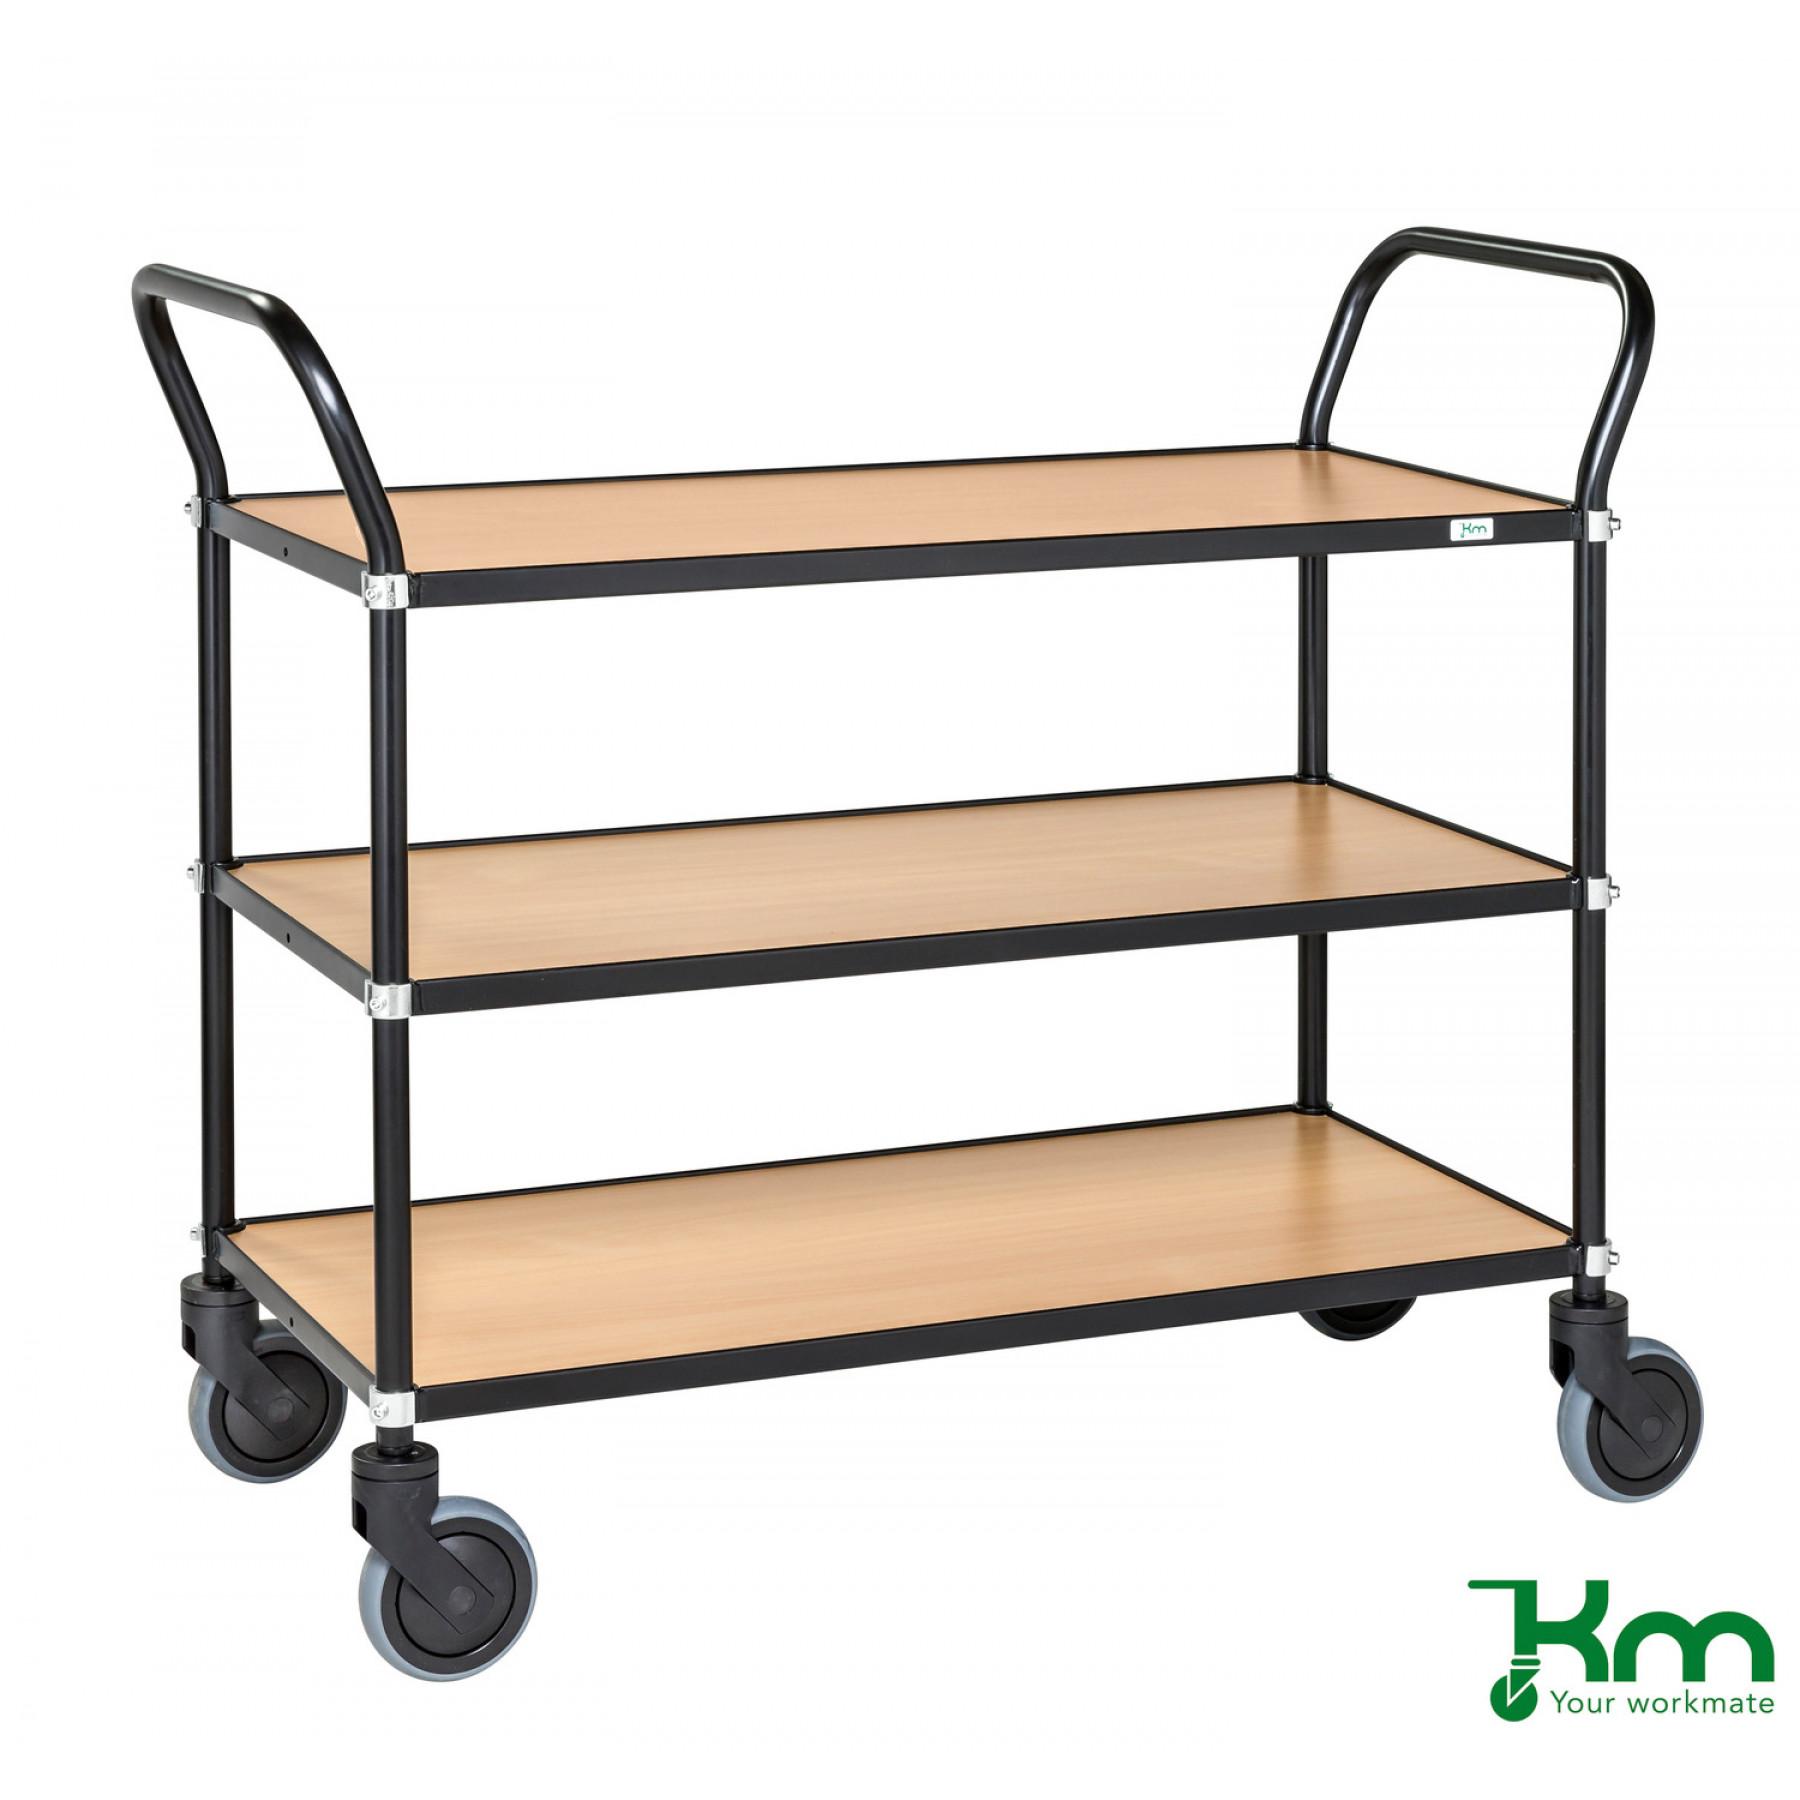 Design tafelwagen met beukenstructuur toplaag, KM 8113-BO